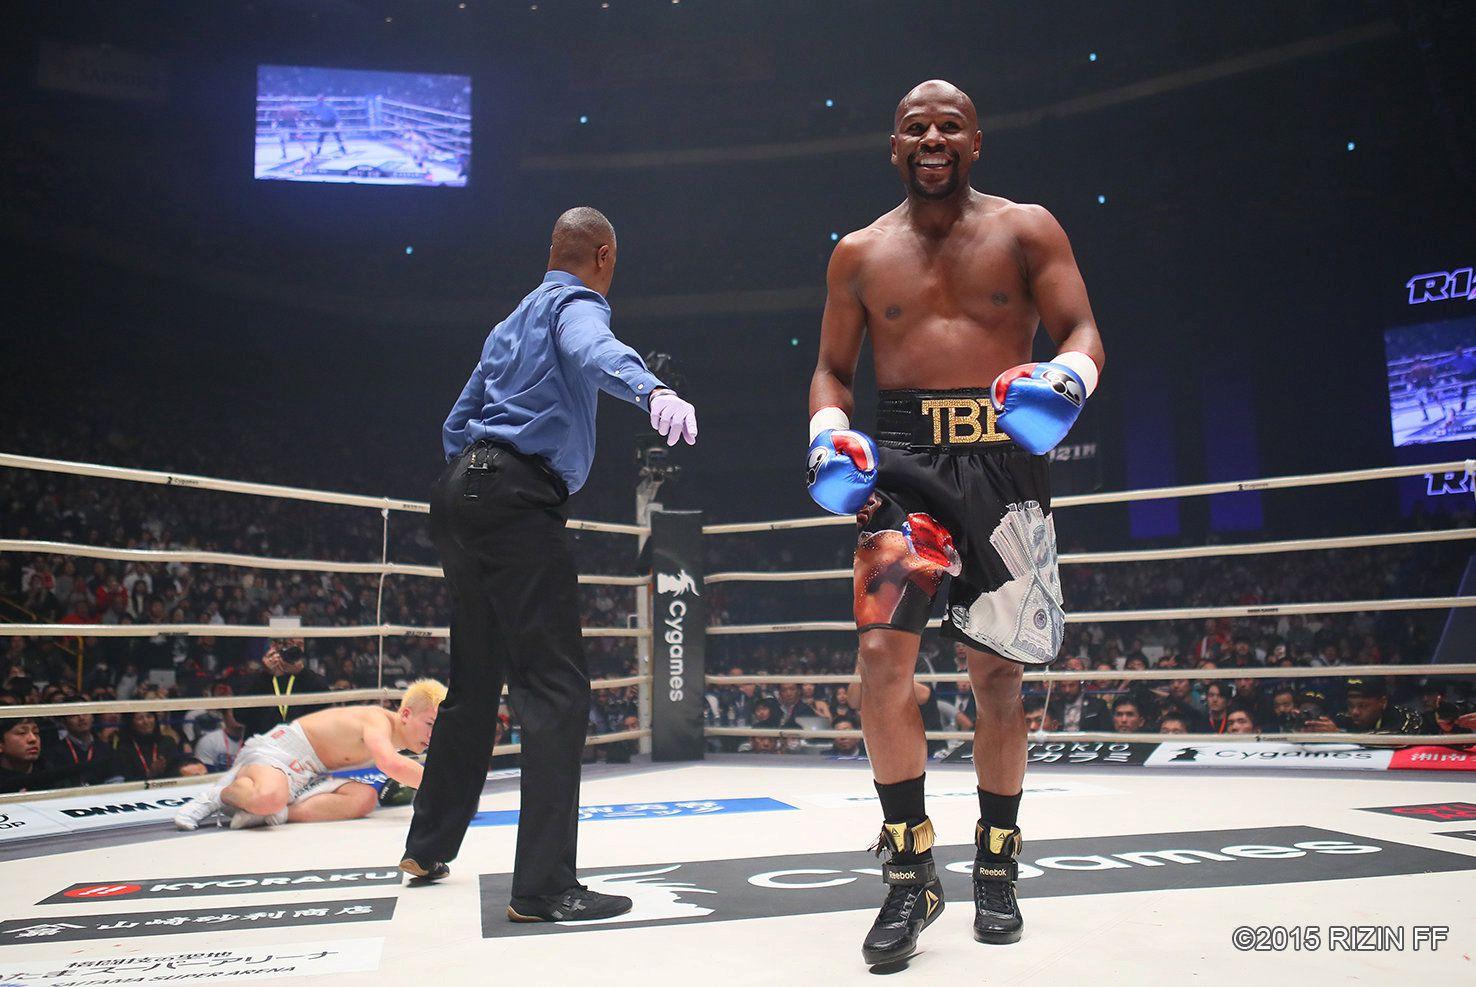 El último combate de Floyd Mayweather ante Tenshin Nasukawa en Tokio. Foto: RIZIN FF